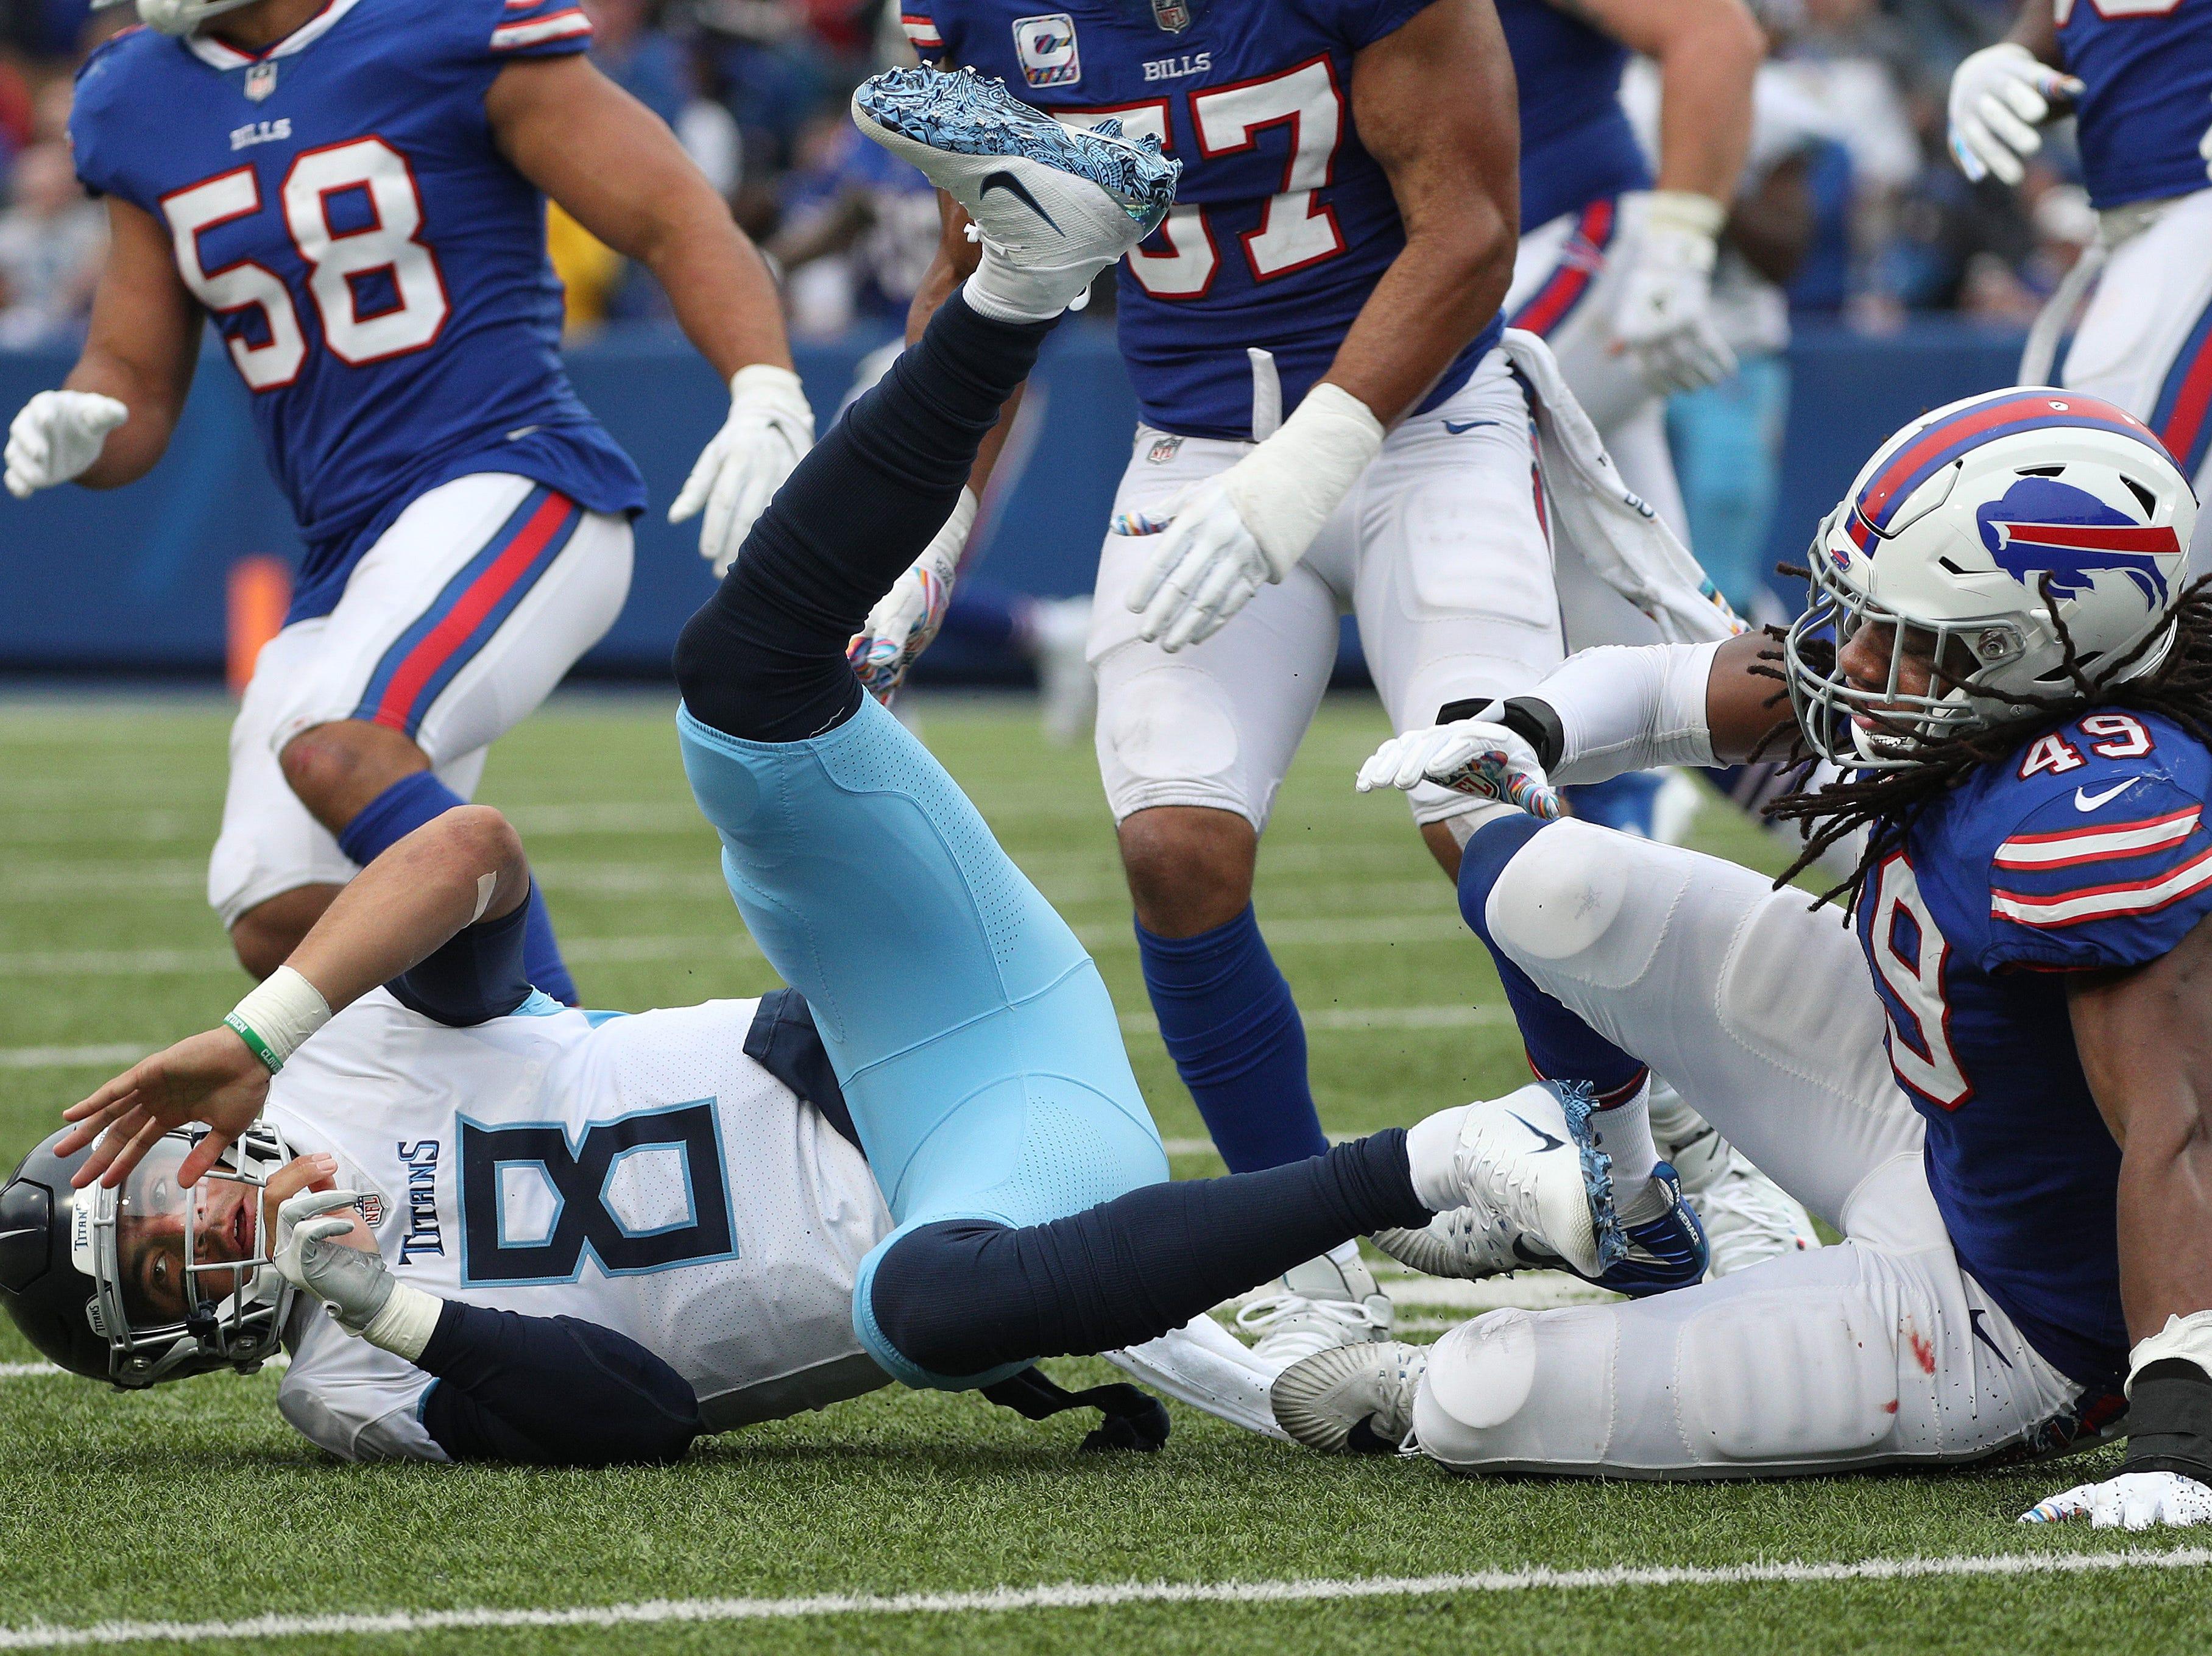 Bills Tremaine Edmunds pressures Titans quarterback Marcus Mariota.